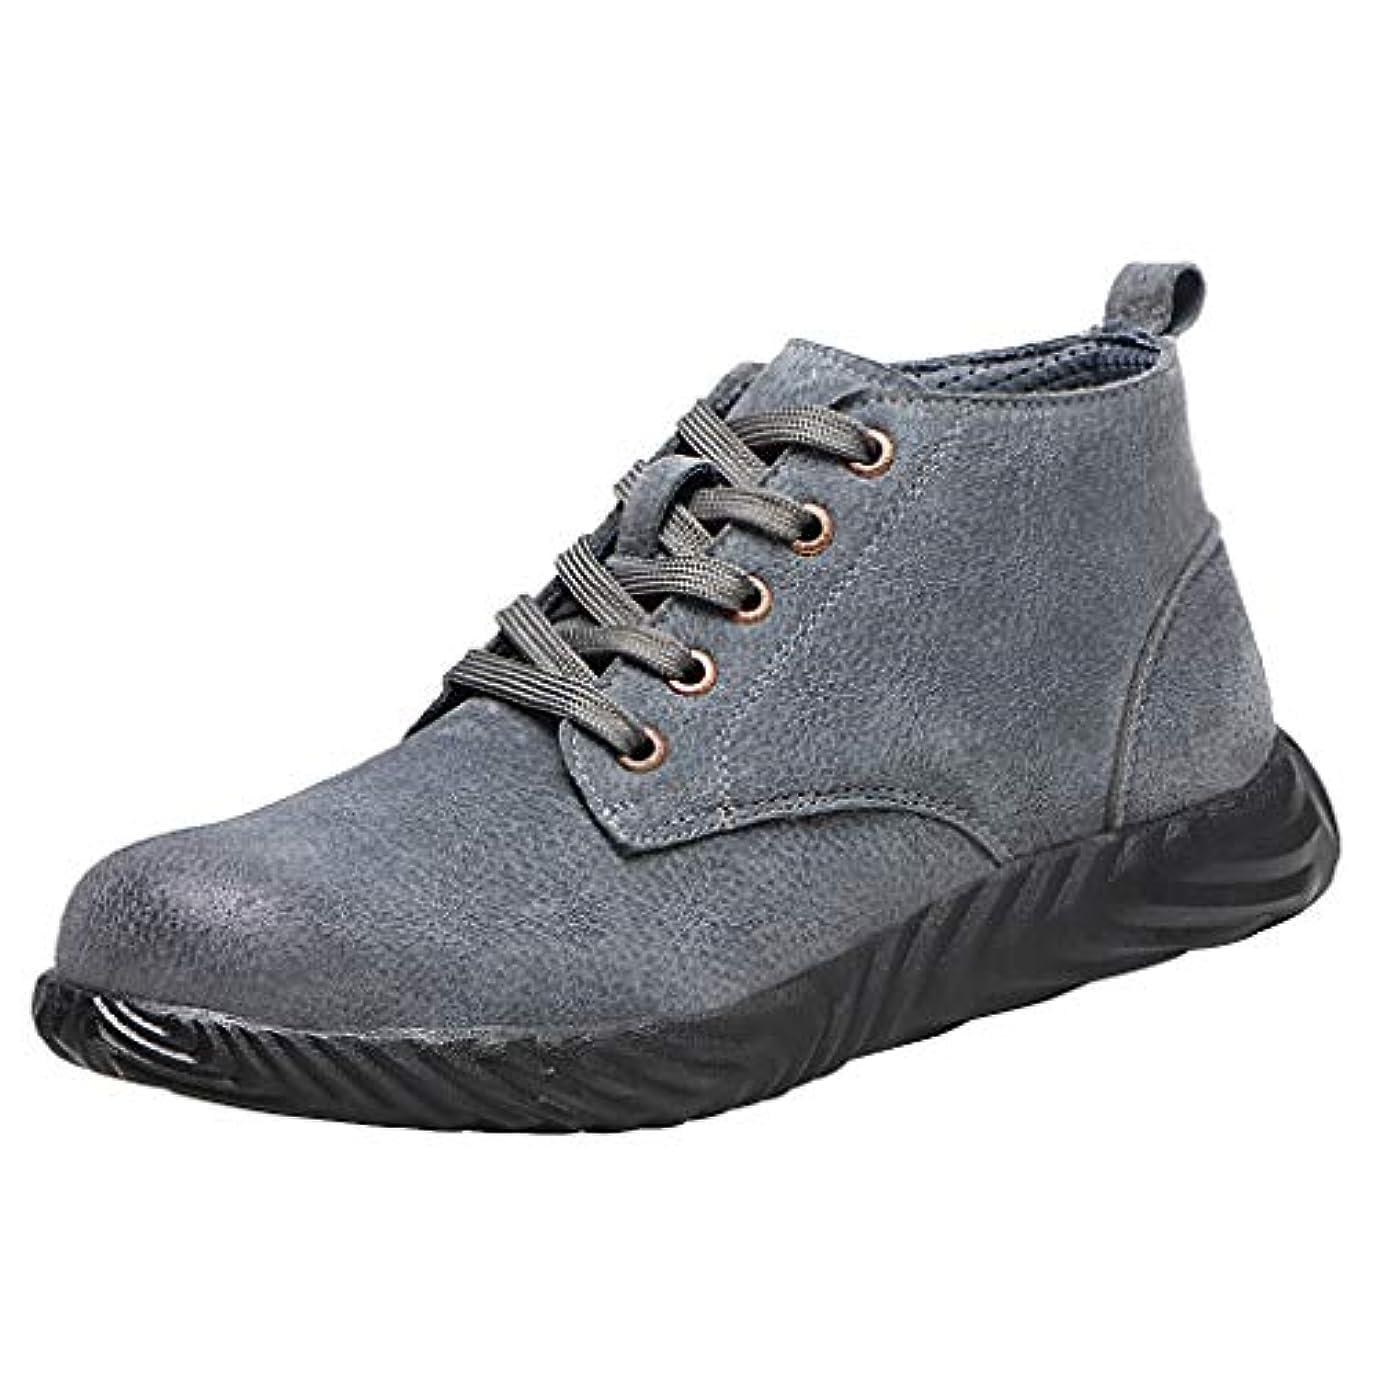 と闘う呪われたオープニング[Sucute] 男性と女性 の通気性 の布鋼包頭 牛肉の腱底 抗スマッシングスタブ 保護靴 安全作業靴 保護靴 高い助け ファッショントレンド 海沿いの旅行に適しています (36-46)